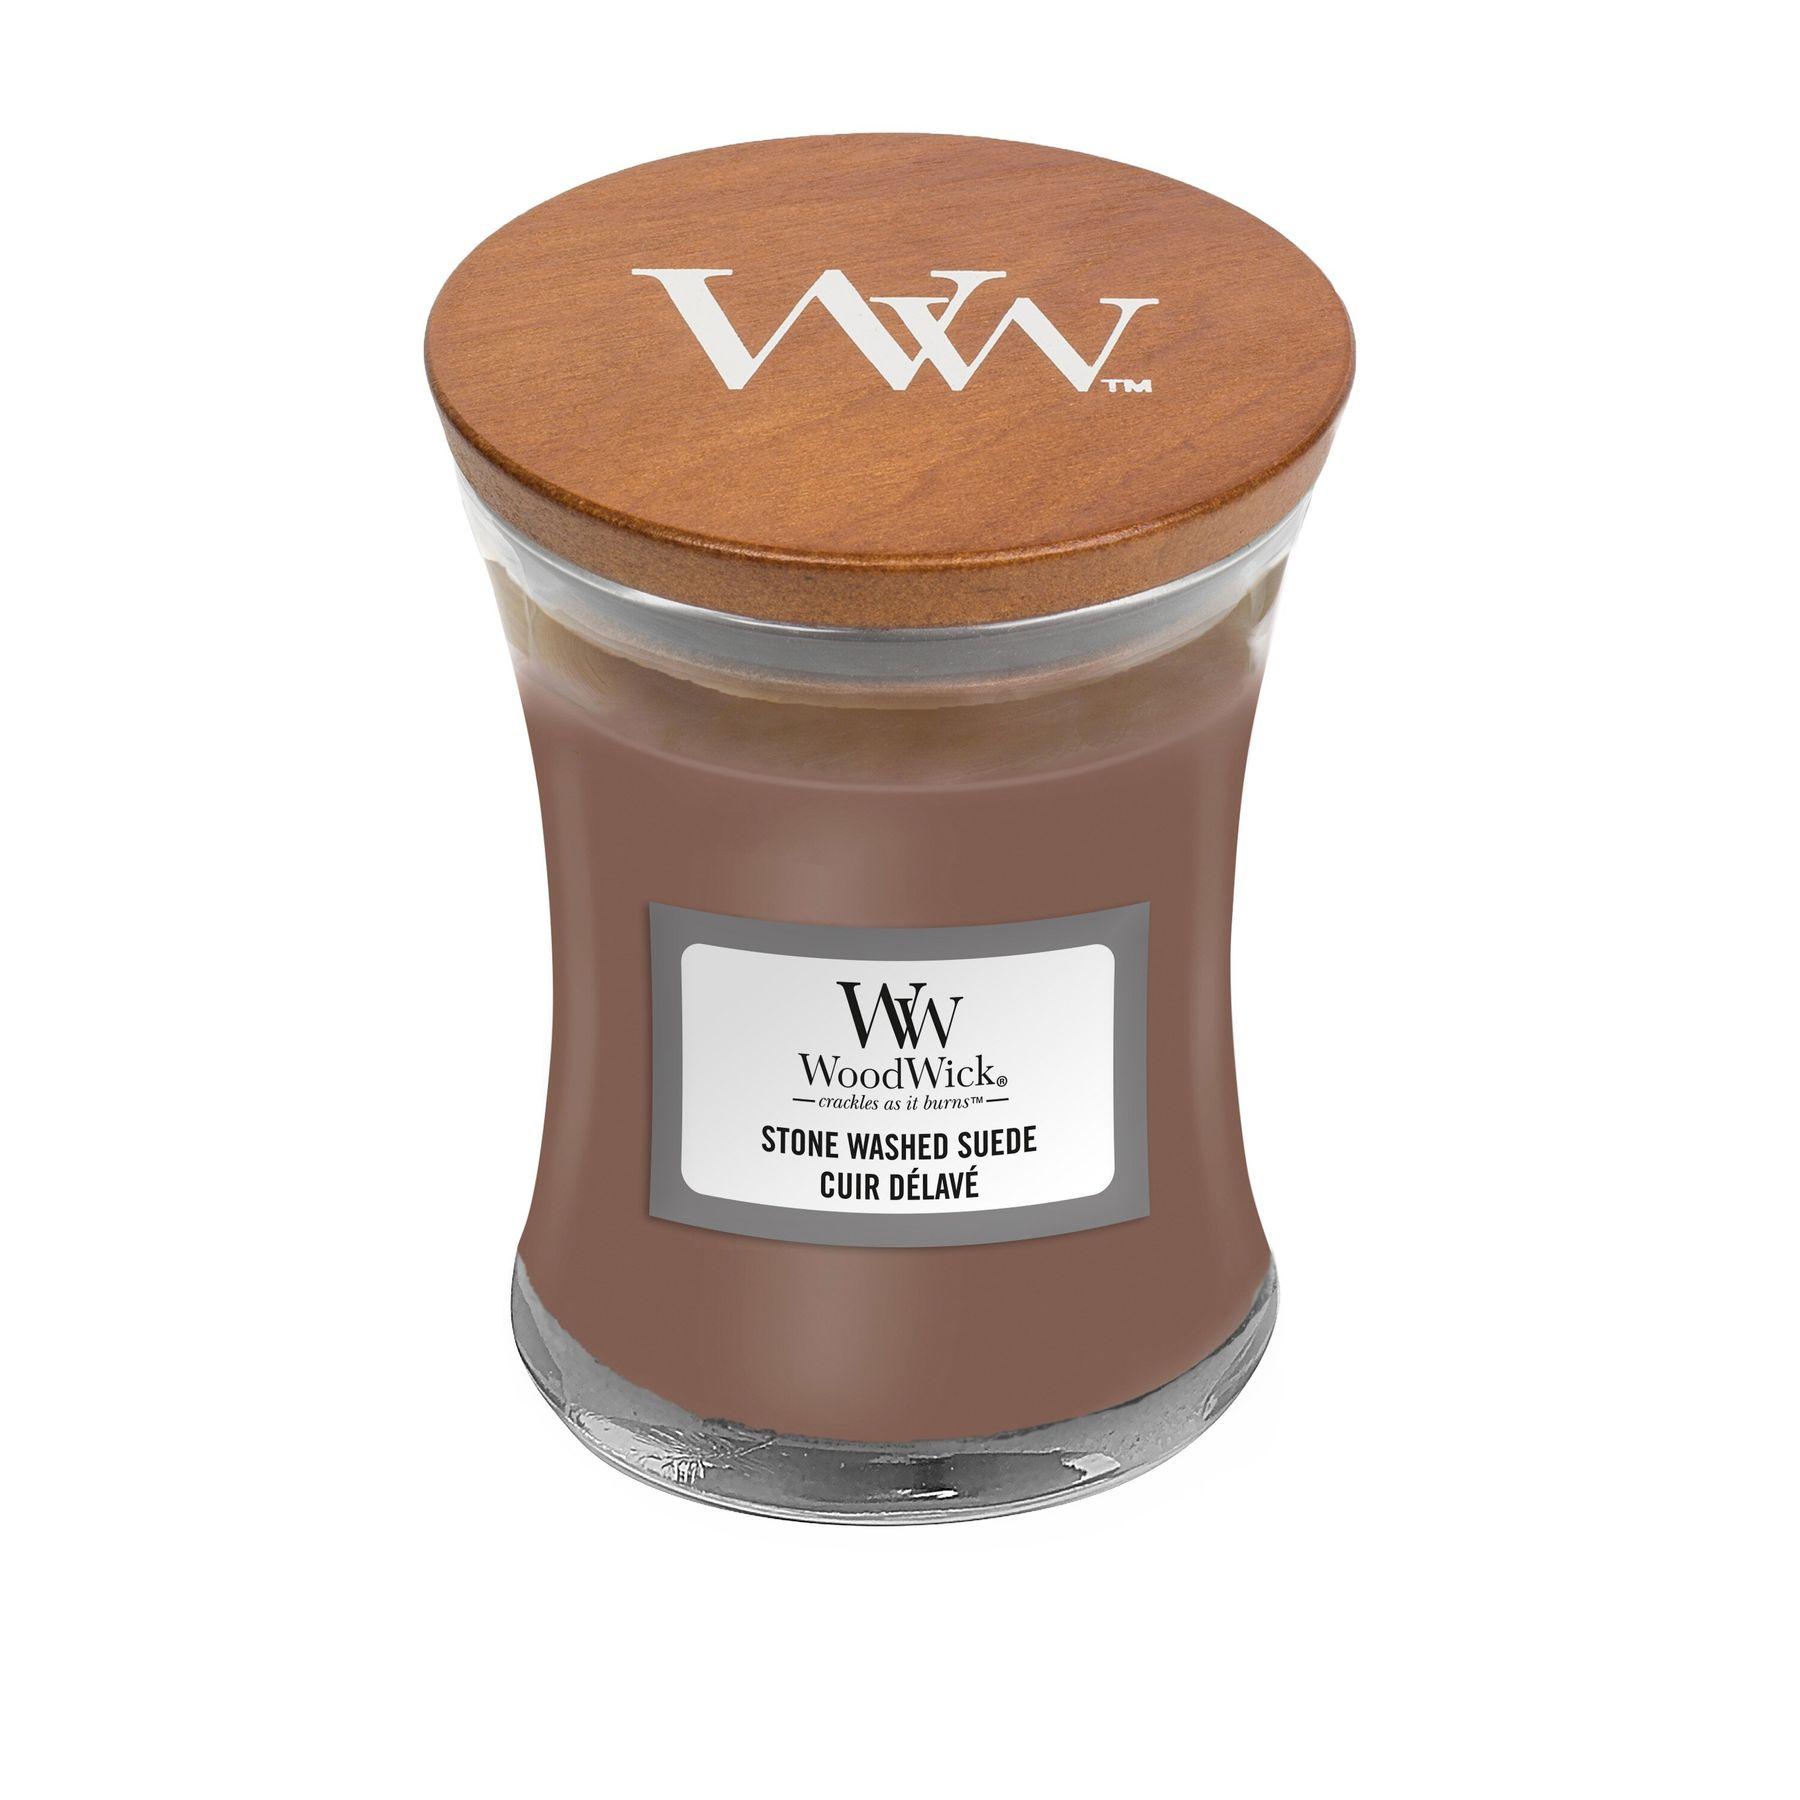 Свеча Mini Stone Washed Suede Wood Wick Англия 85 г(р) — фото №1